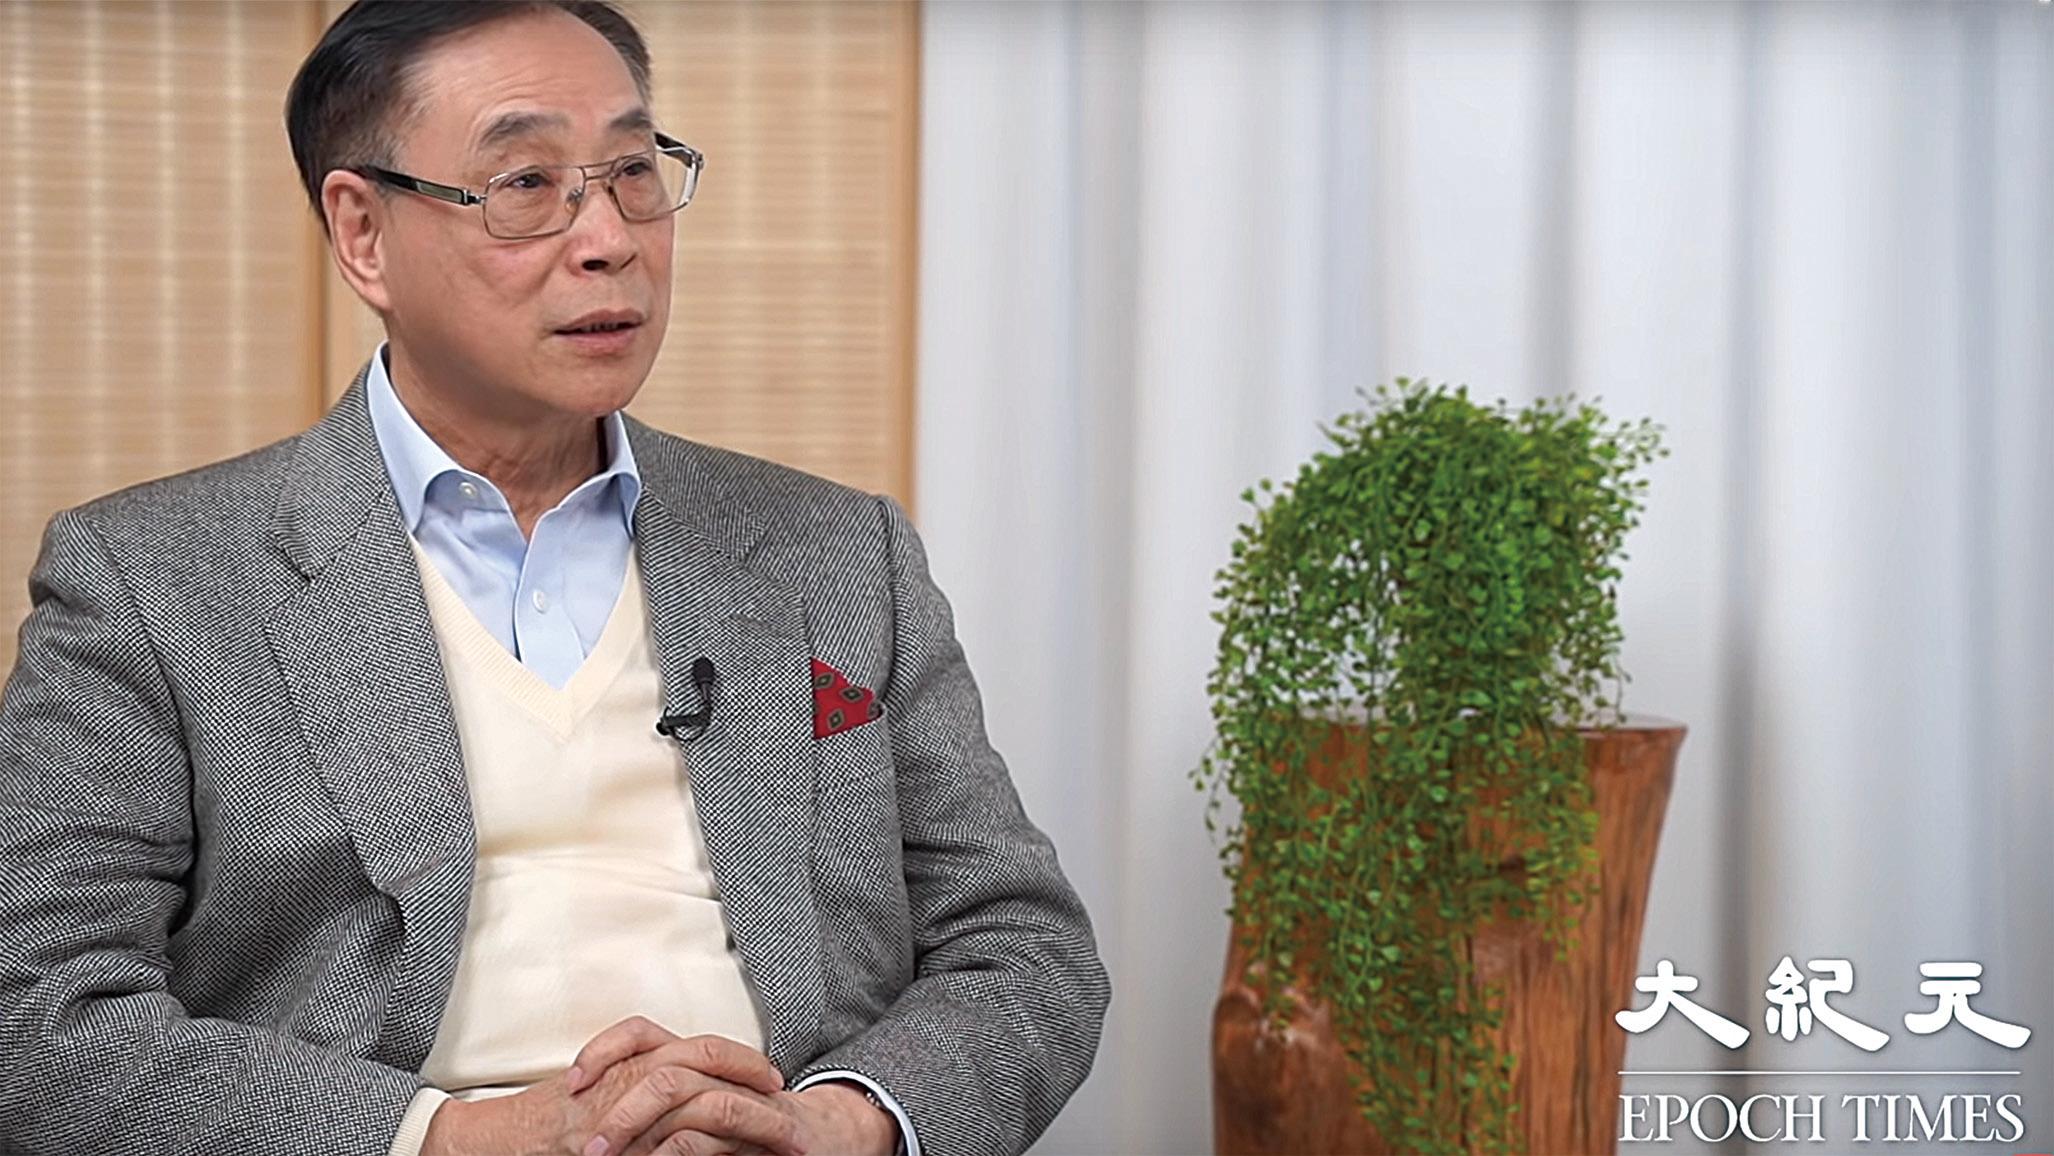 前立法局議員薛浩然。(影片截圖)